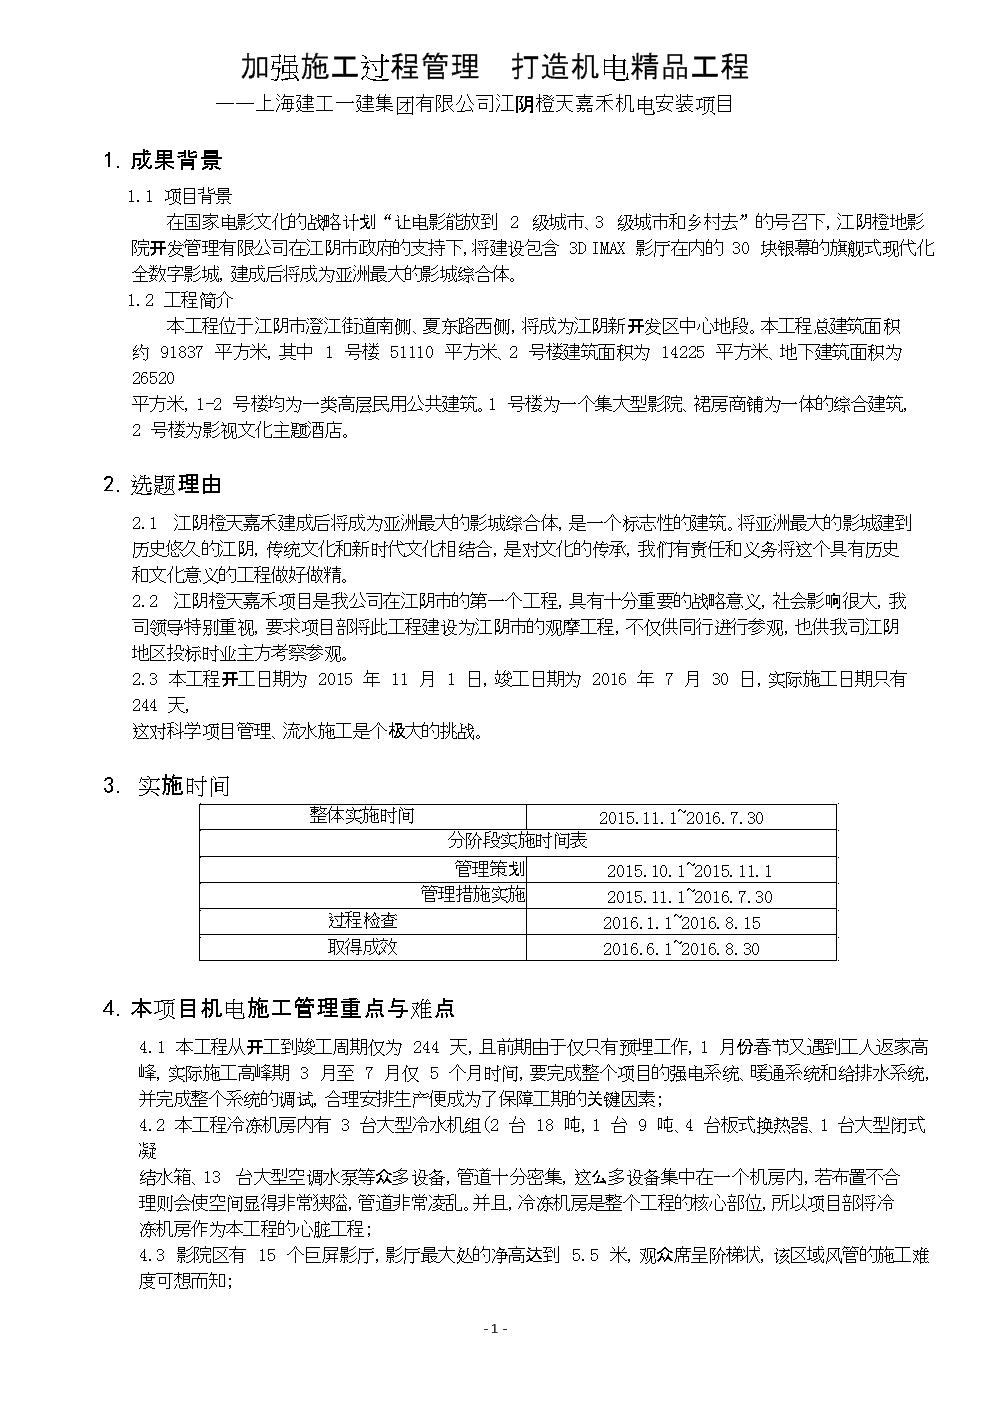 江阴橙天嘉禾机电安装项目——加强施工过程管理  打造机电精品工程 .docx